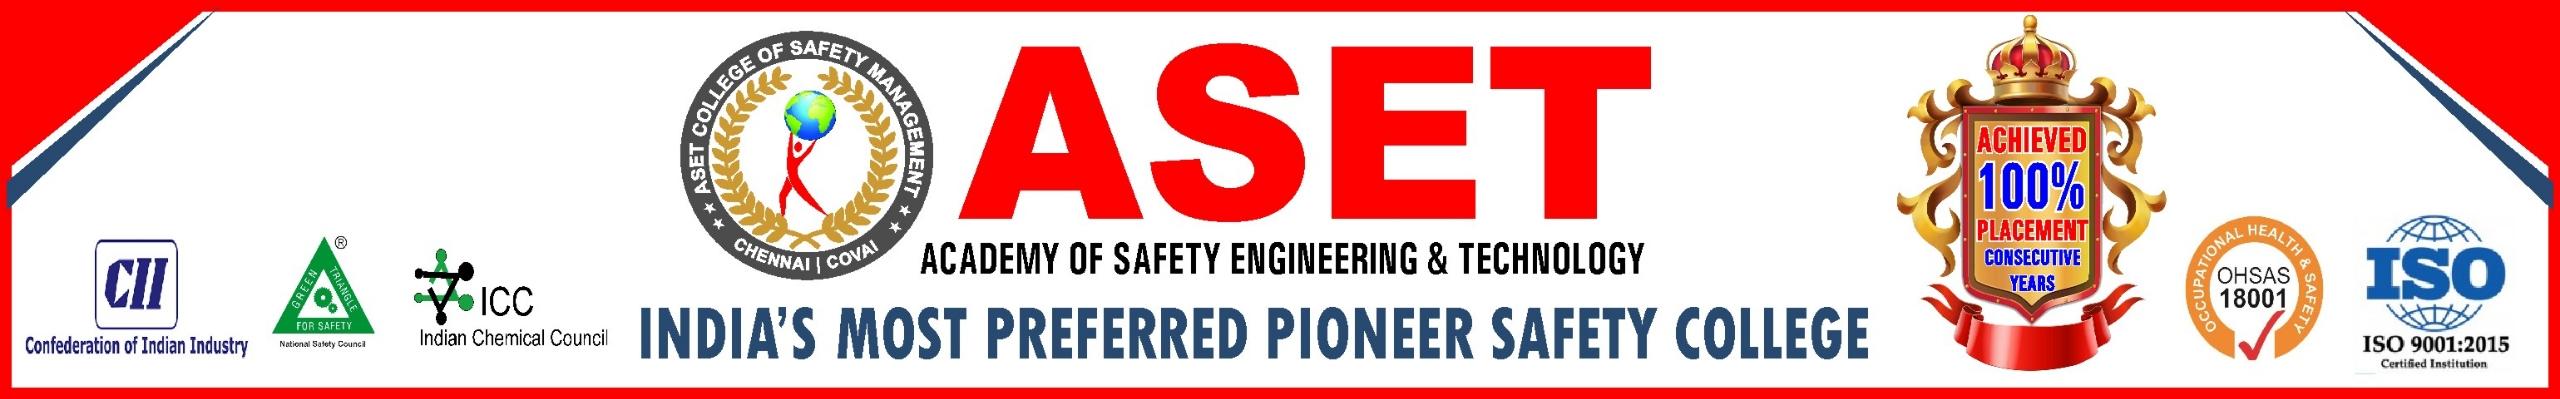 AsetFireafety (@asetfiresafety) Cover Image